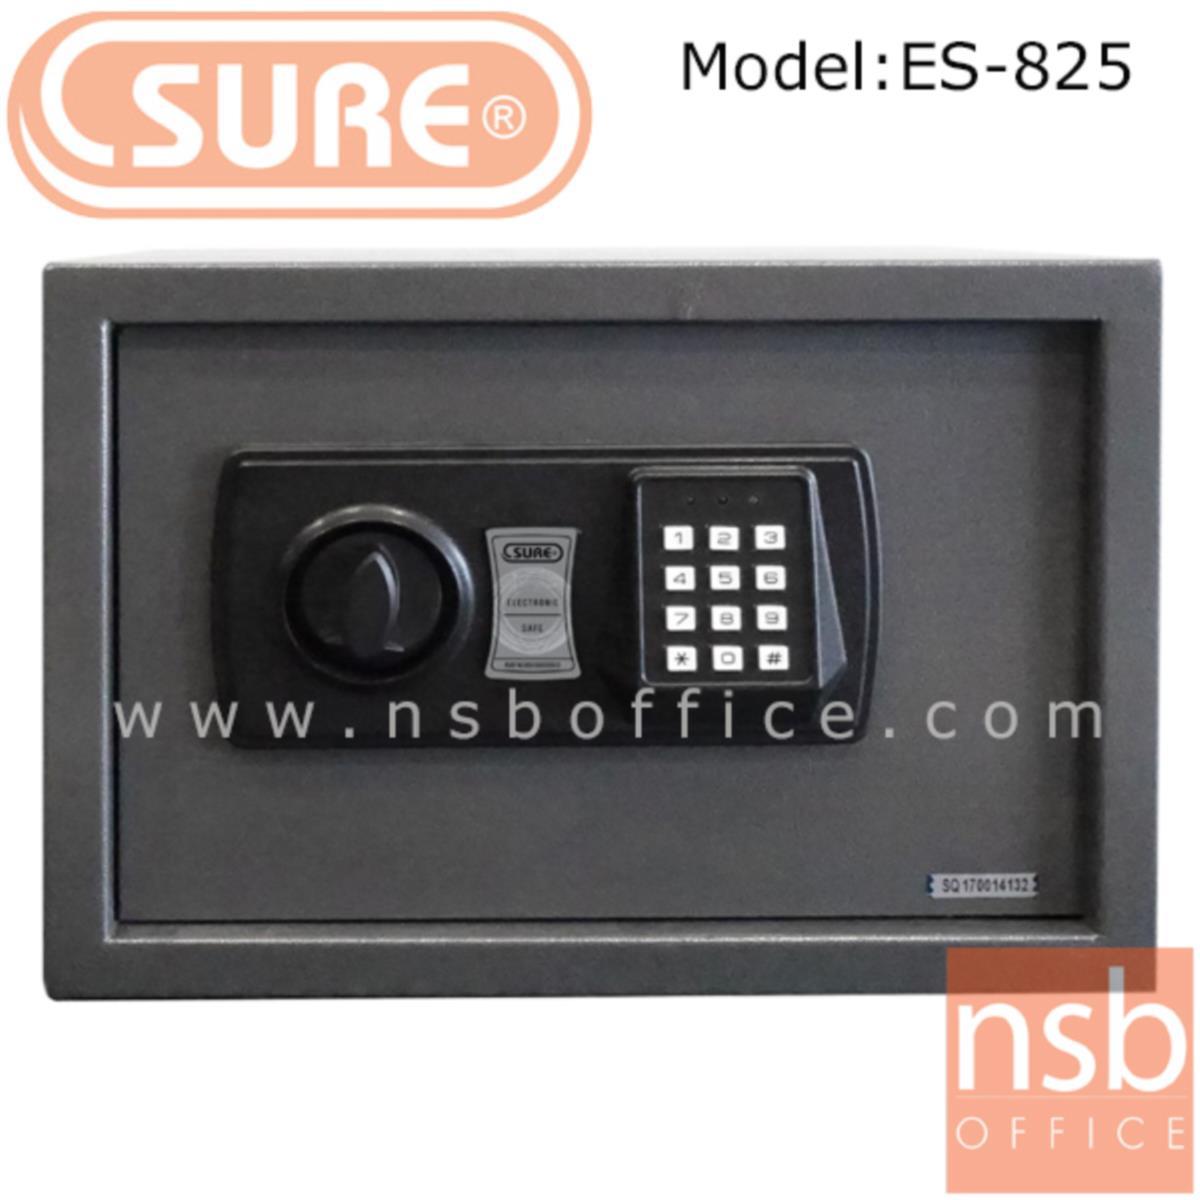 ตู้เซฟดิจตอล SR-ES825 น้ำหนัก 5.5 กก. (1 รหัสกด / ปุ่มหมุนบิด)